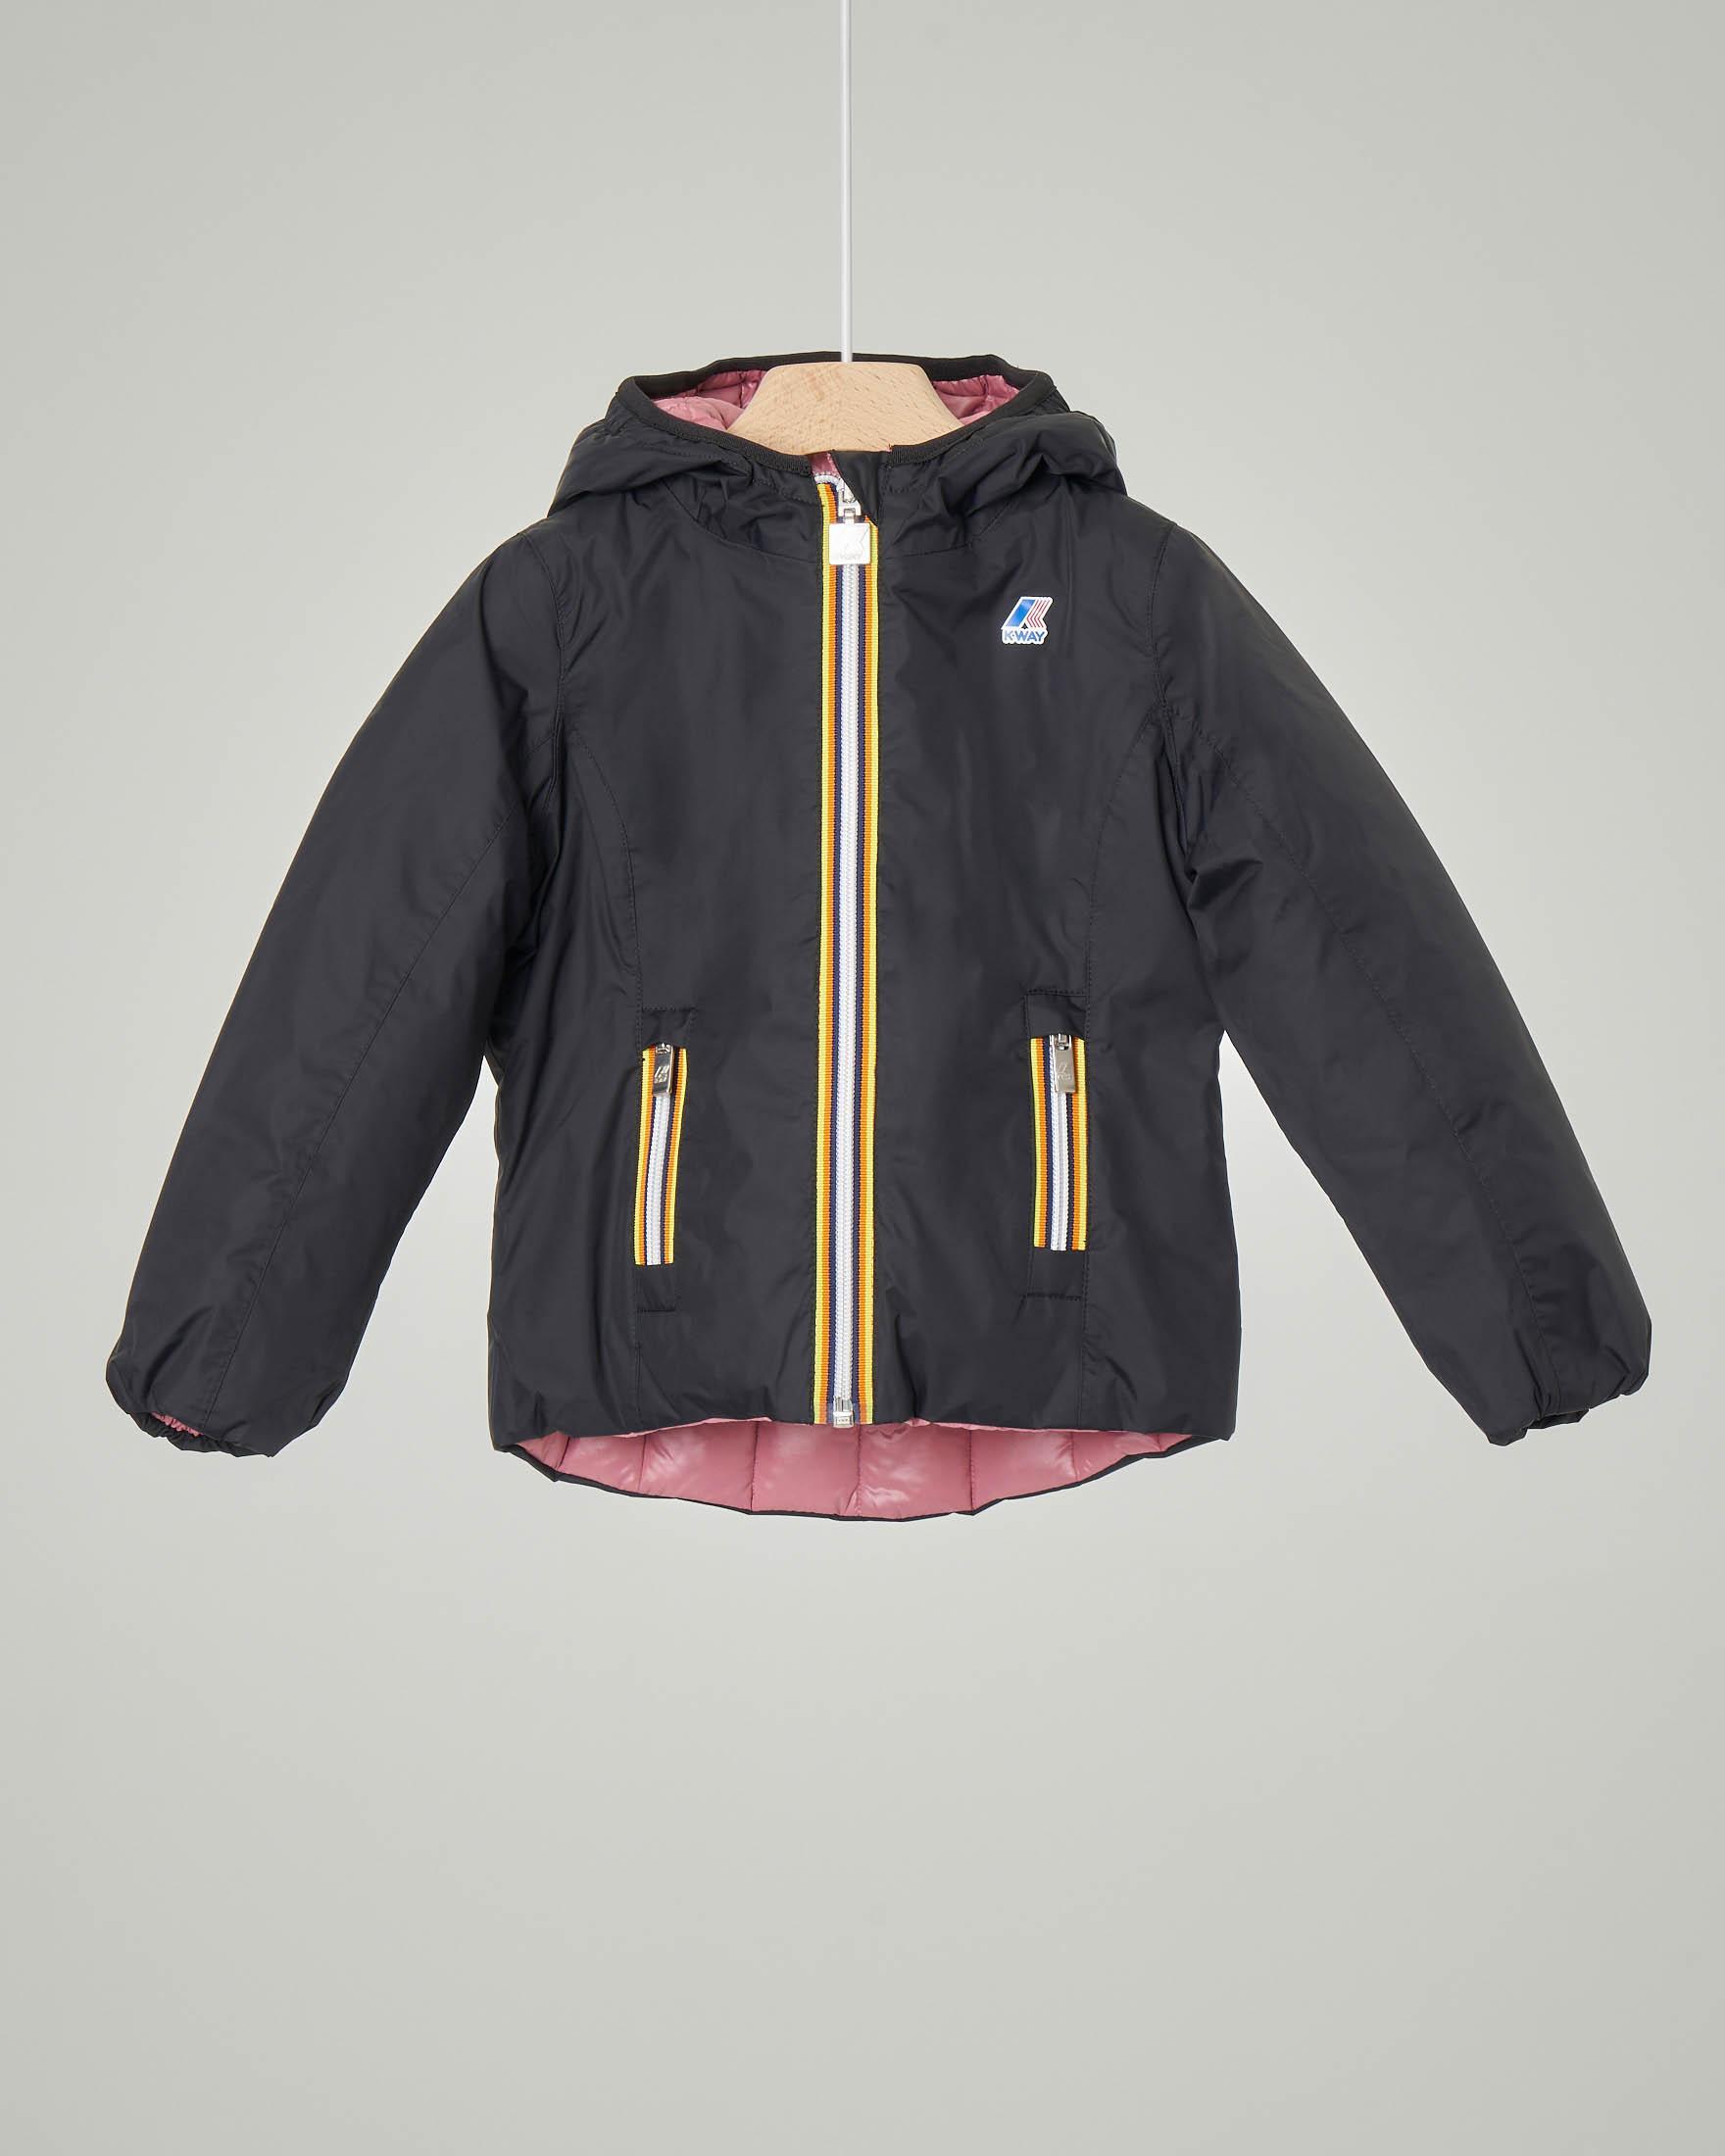 Giacca nera con cappuccio reversibile in piumino rosa 4-8 anni